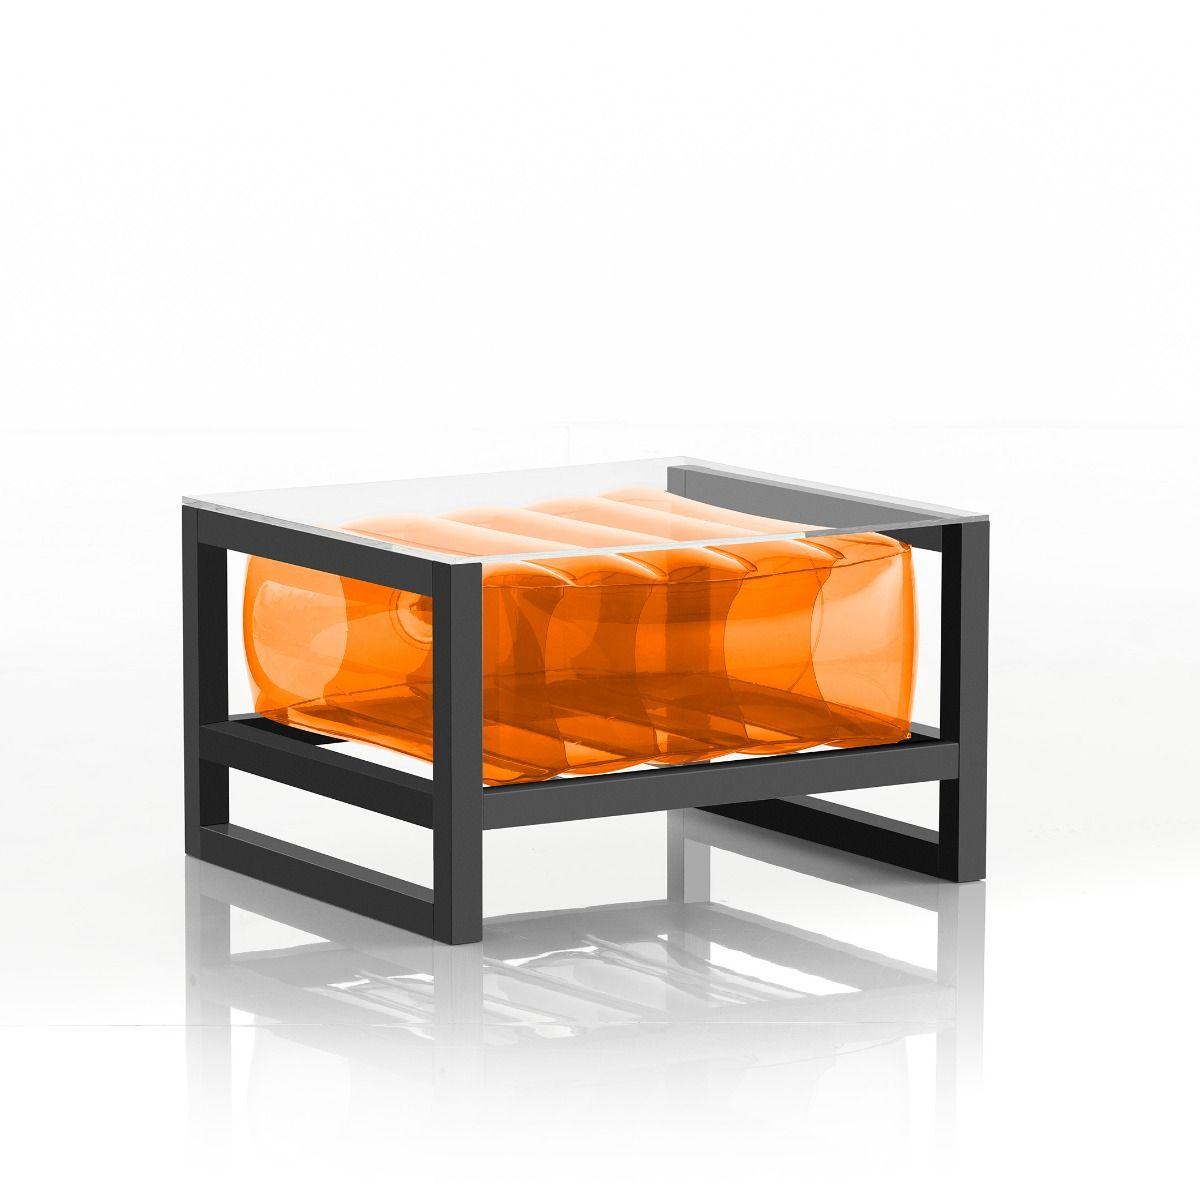 Table basse tpu orange cadre en aluminium